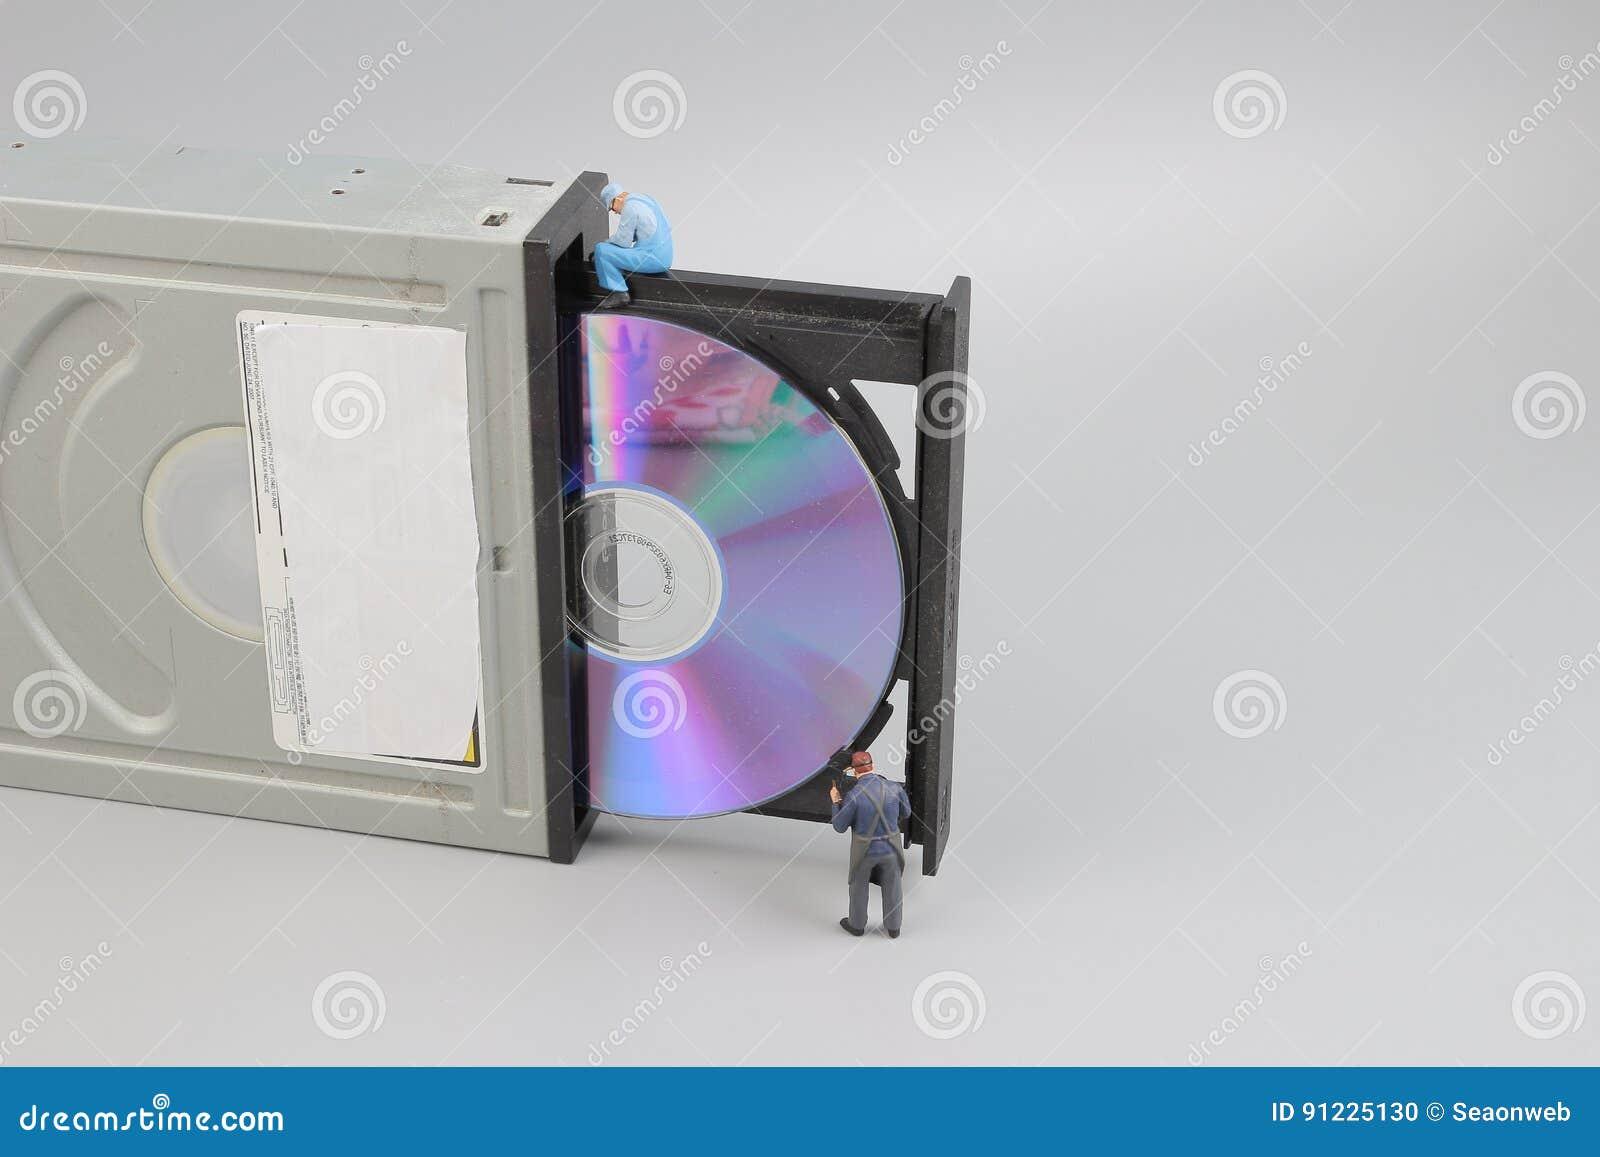 Miniingenieur en arbeider vast om CD-rom schoon te maken